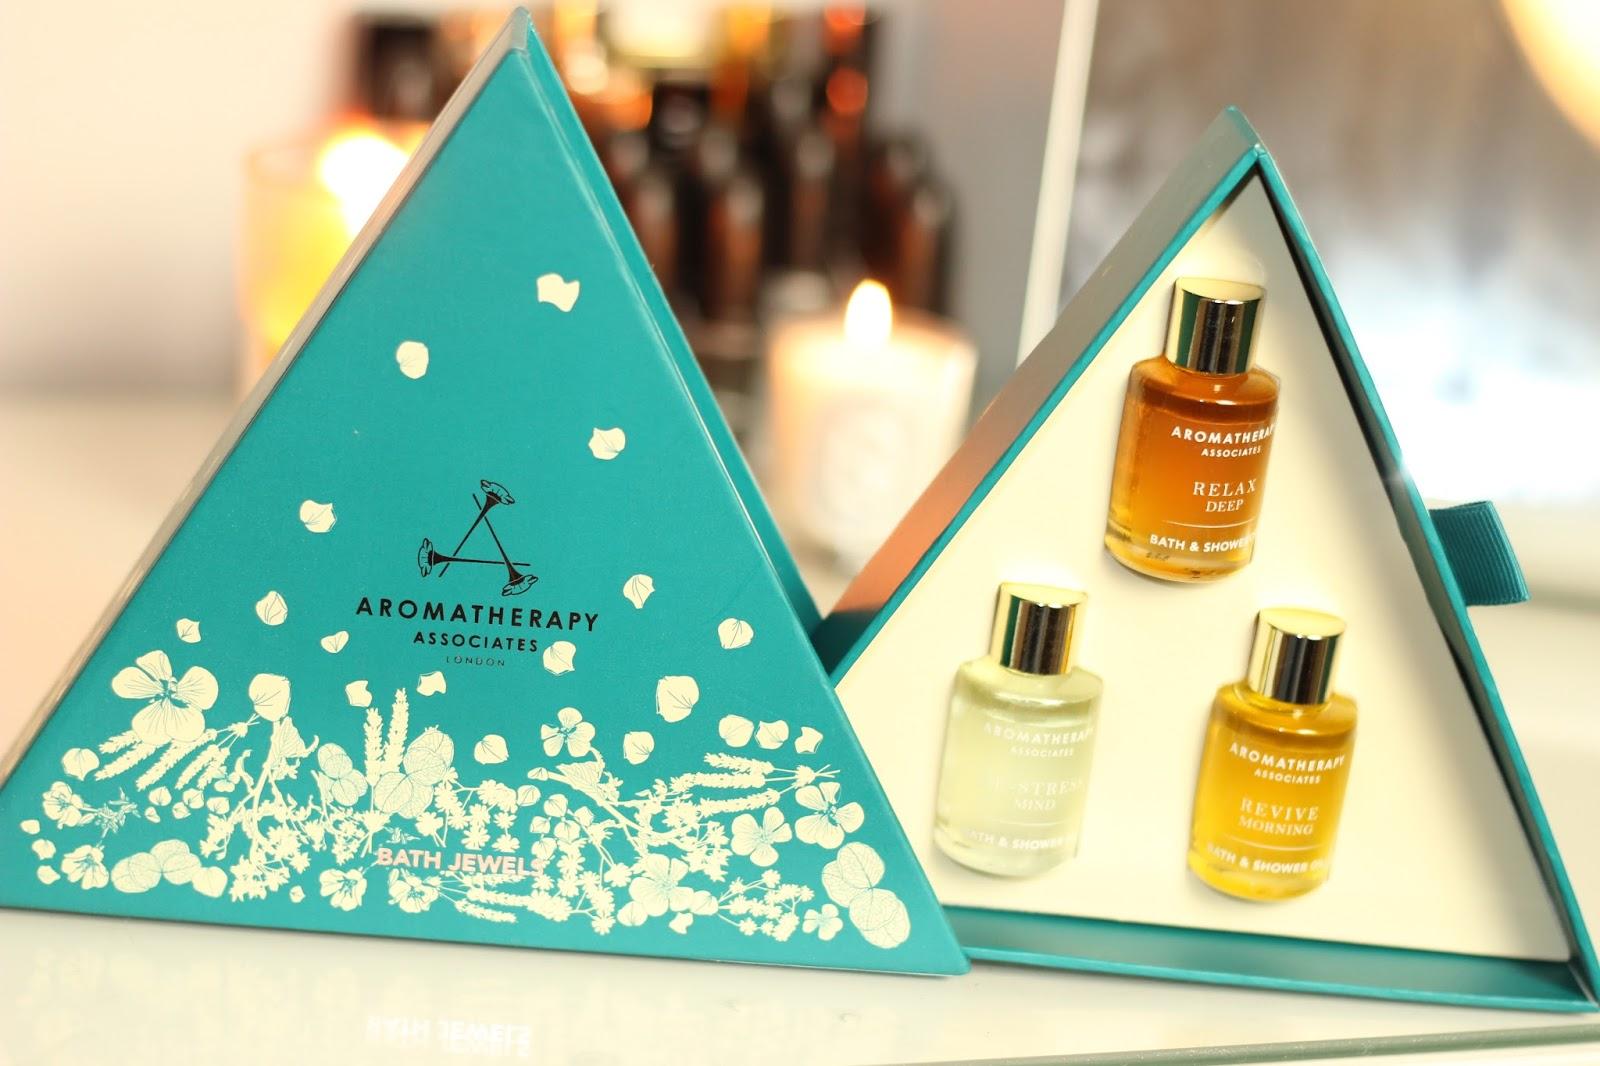 aromatherapy-associates